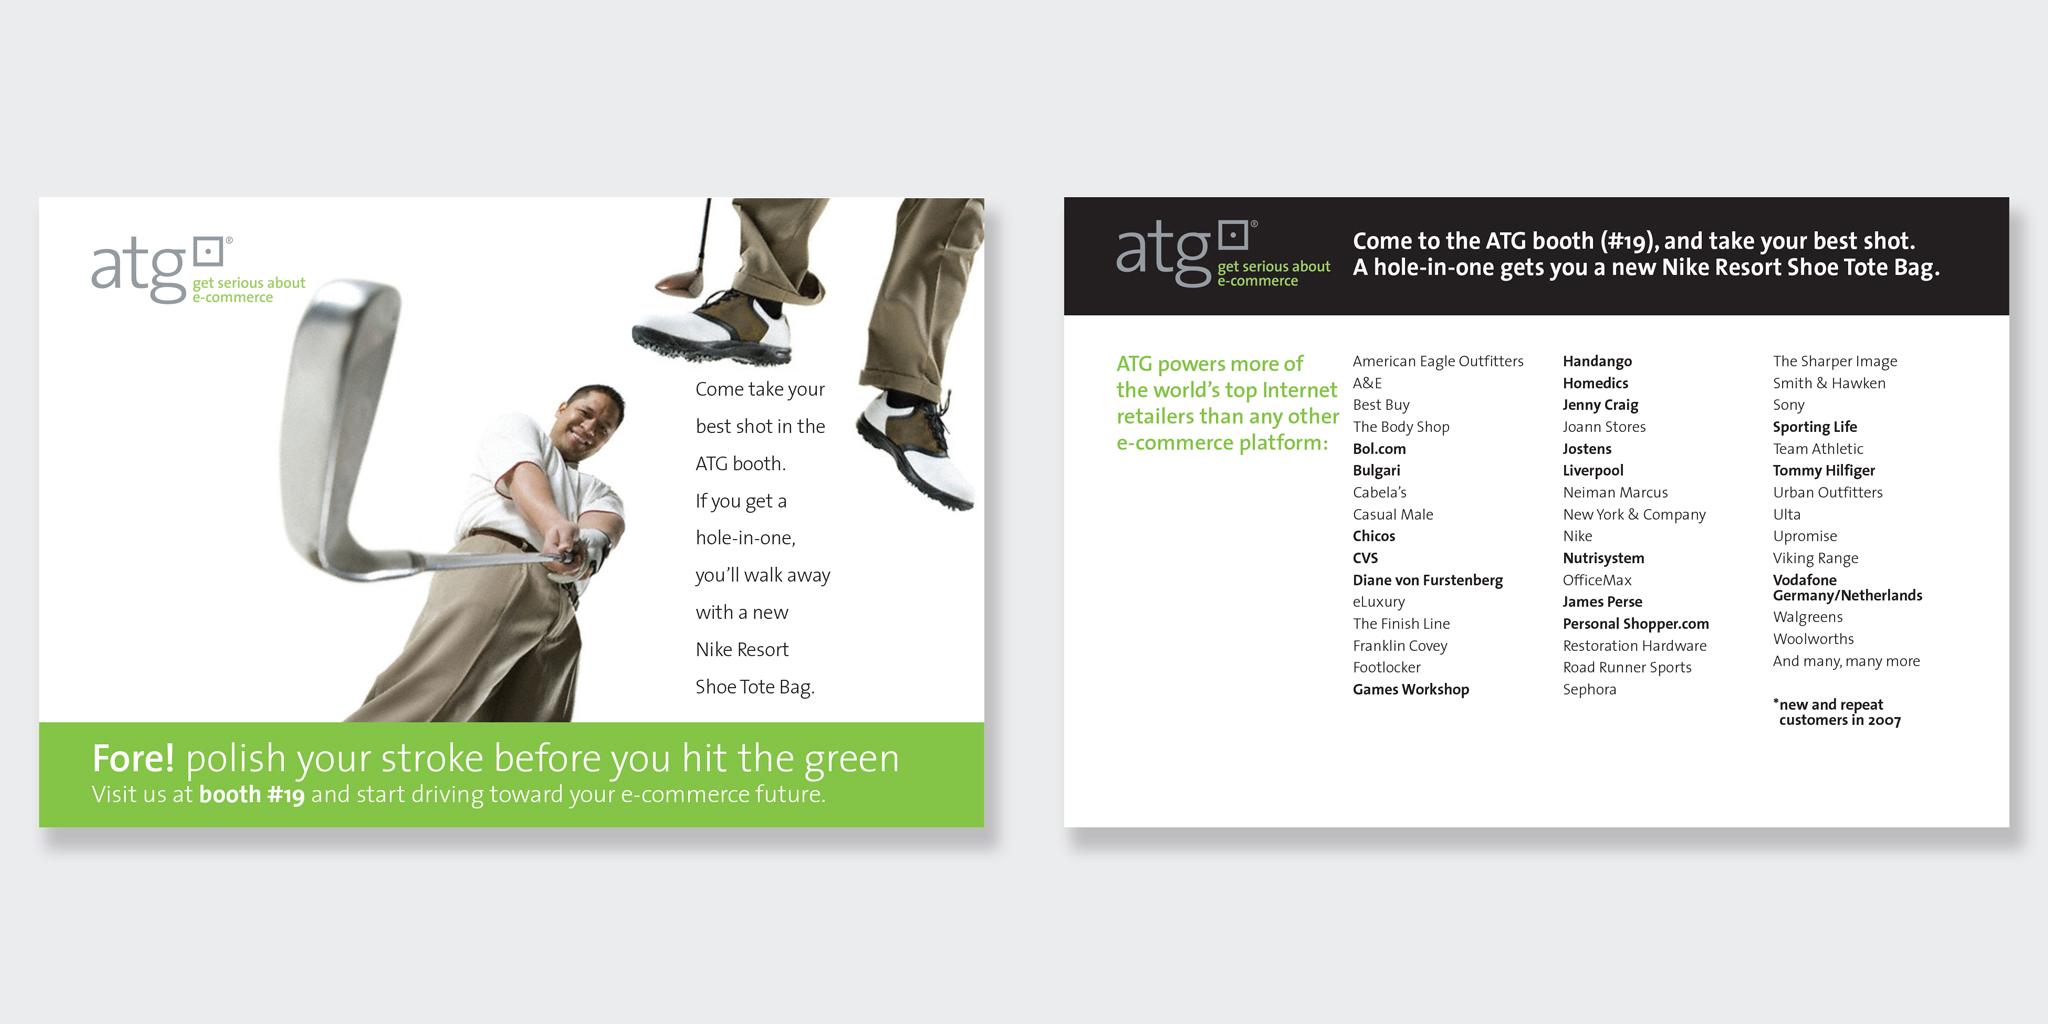 ATG_eTail_Card_013008-AT_eTail_PostCard_013008.jpg